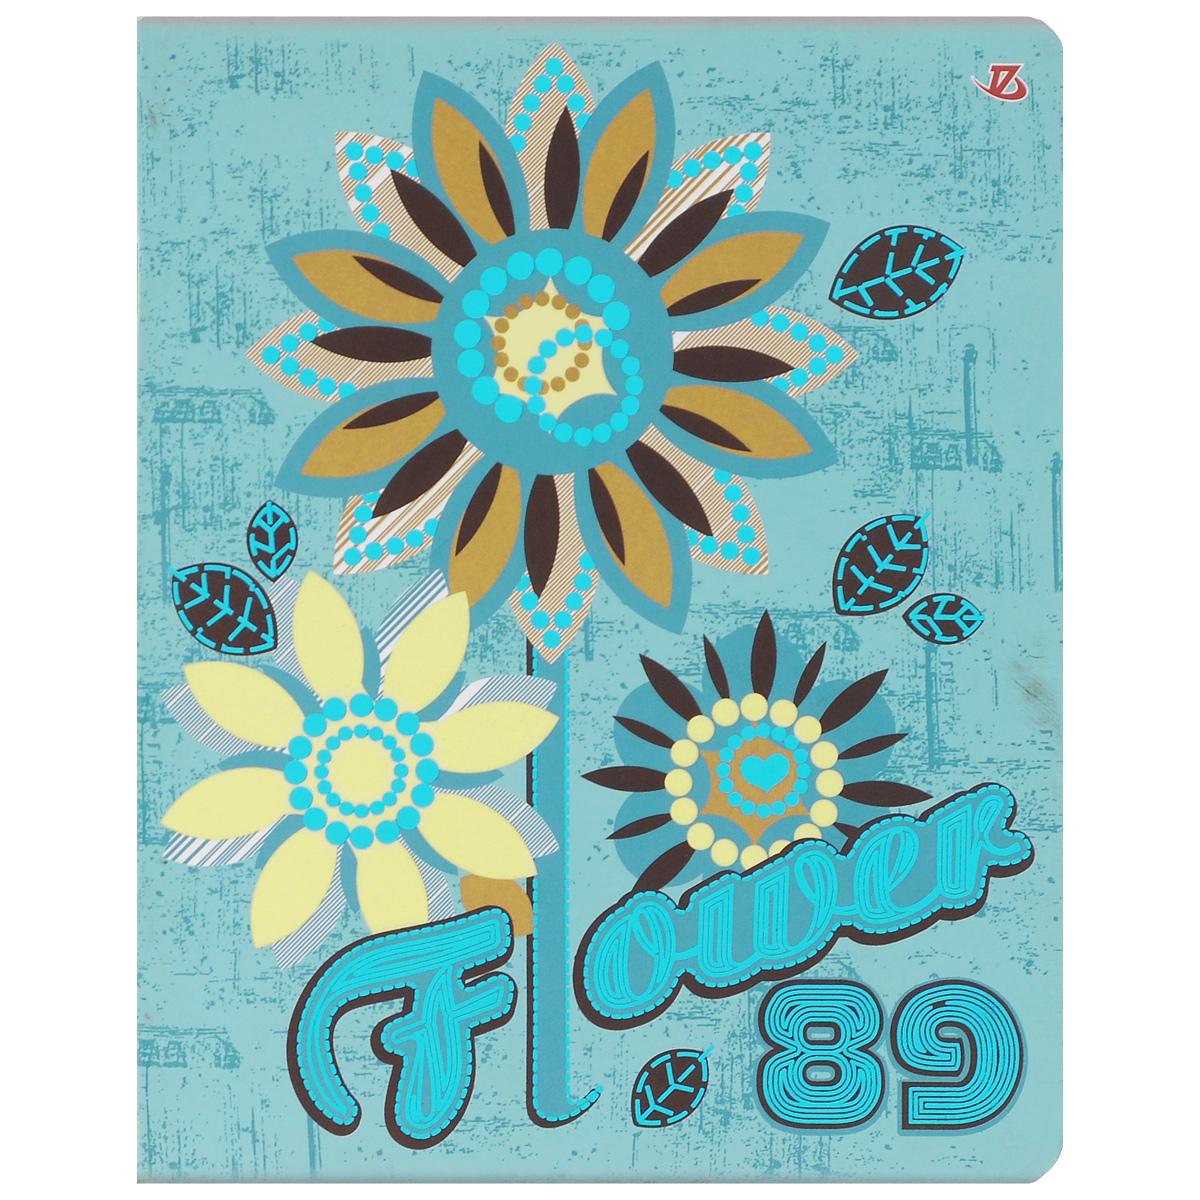 Тетрадь в клетку Seventeen Прекрасные цветы, 60 листов6653/5_ГолубойТетрадь Seventeen Прекрасные цветы изготовлена из высококачественной бумаги повышенной белизны. Яркая обложка тетради выполнена из мелованного картона с закругленными углами. Внутренний блок тетради, соединенный металлическими скрепками, состоит из 60 листов белой бумаги со стандартной линовкой в клетку с полями. Первая страничка содержит поля для заполнения личных данных. Тетрадь Прекрасные цветы подойдет для различных работ и студенту, и школьнику.